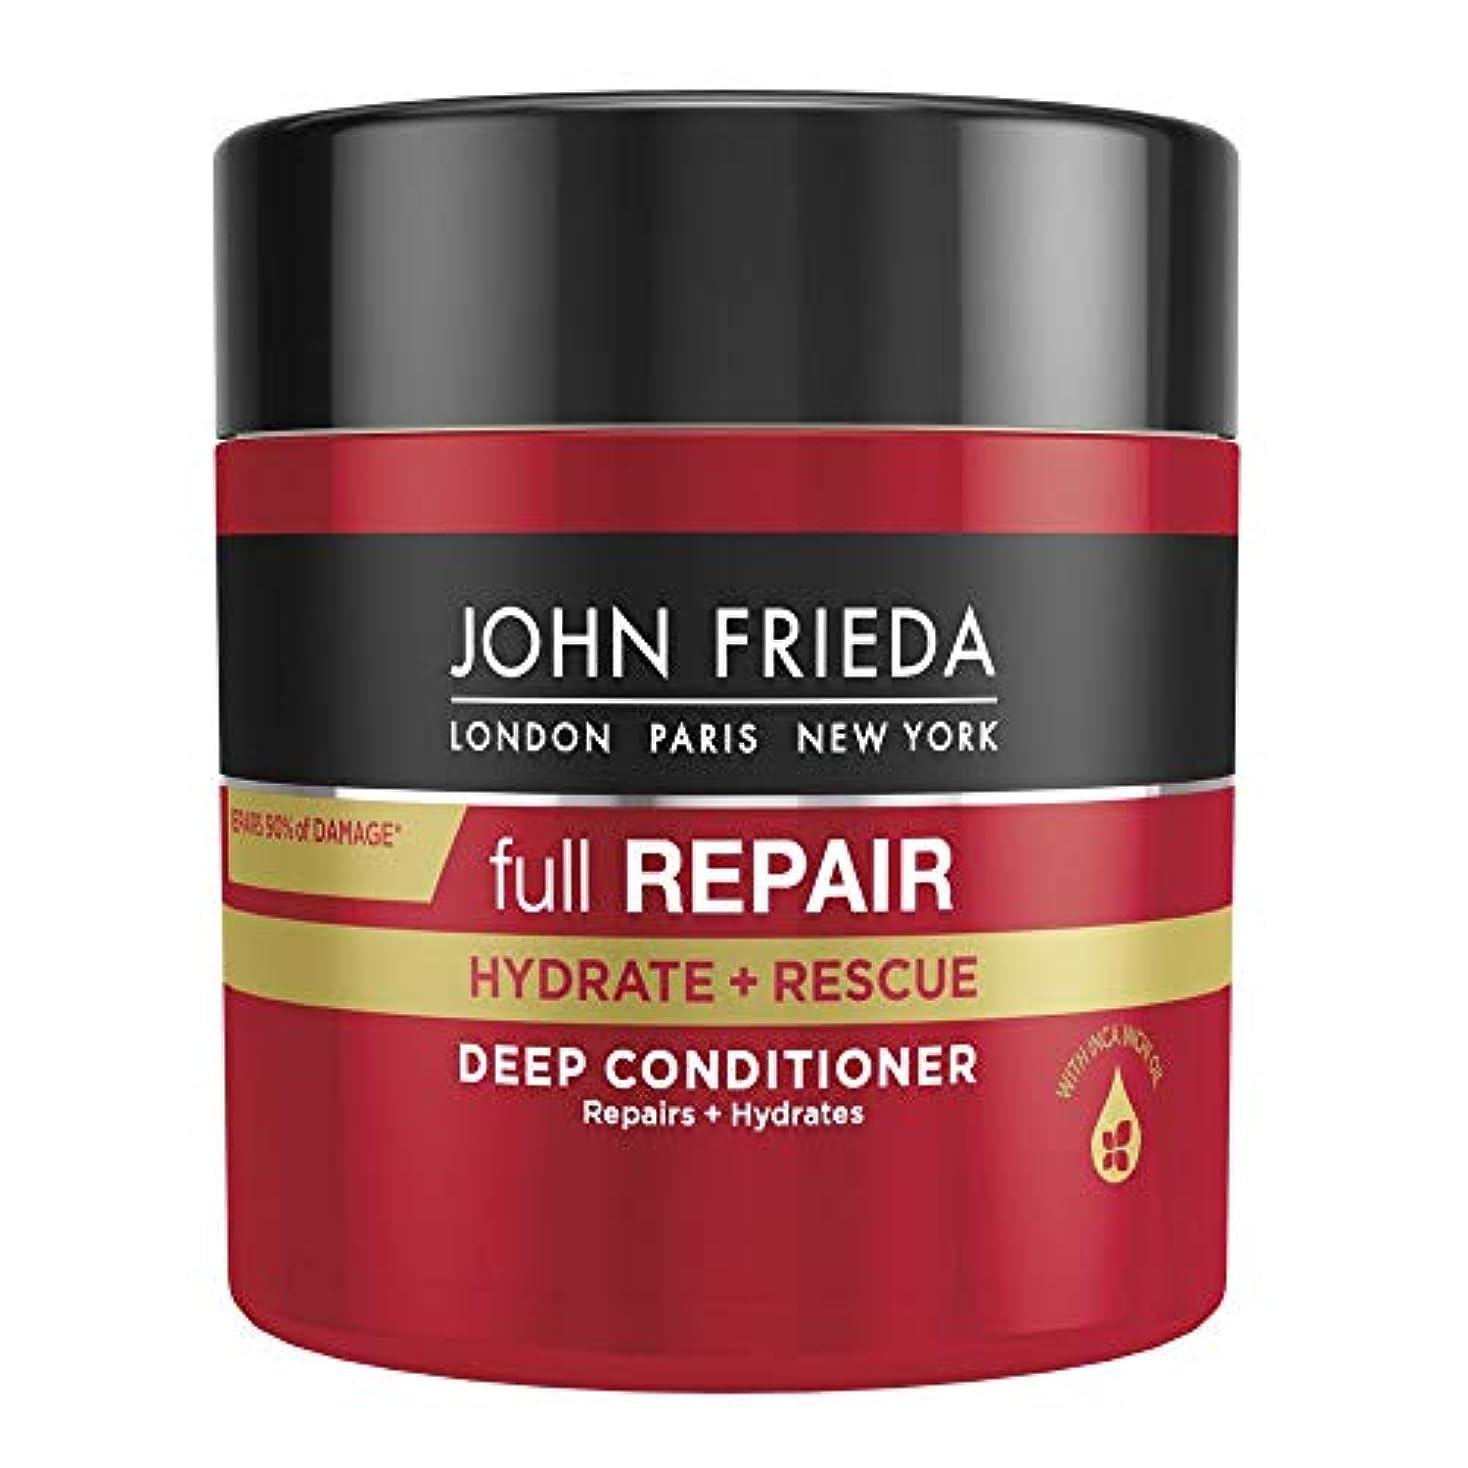 省床を掃除する破壊的なJohn Frieda? Full Repair(TM) Deep Conditioner 150ml